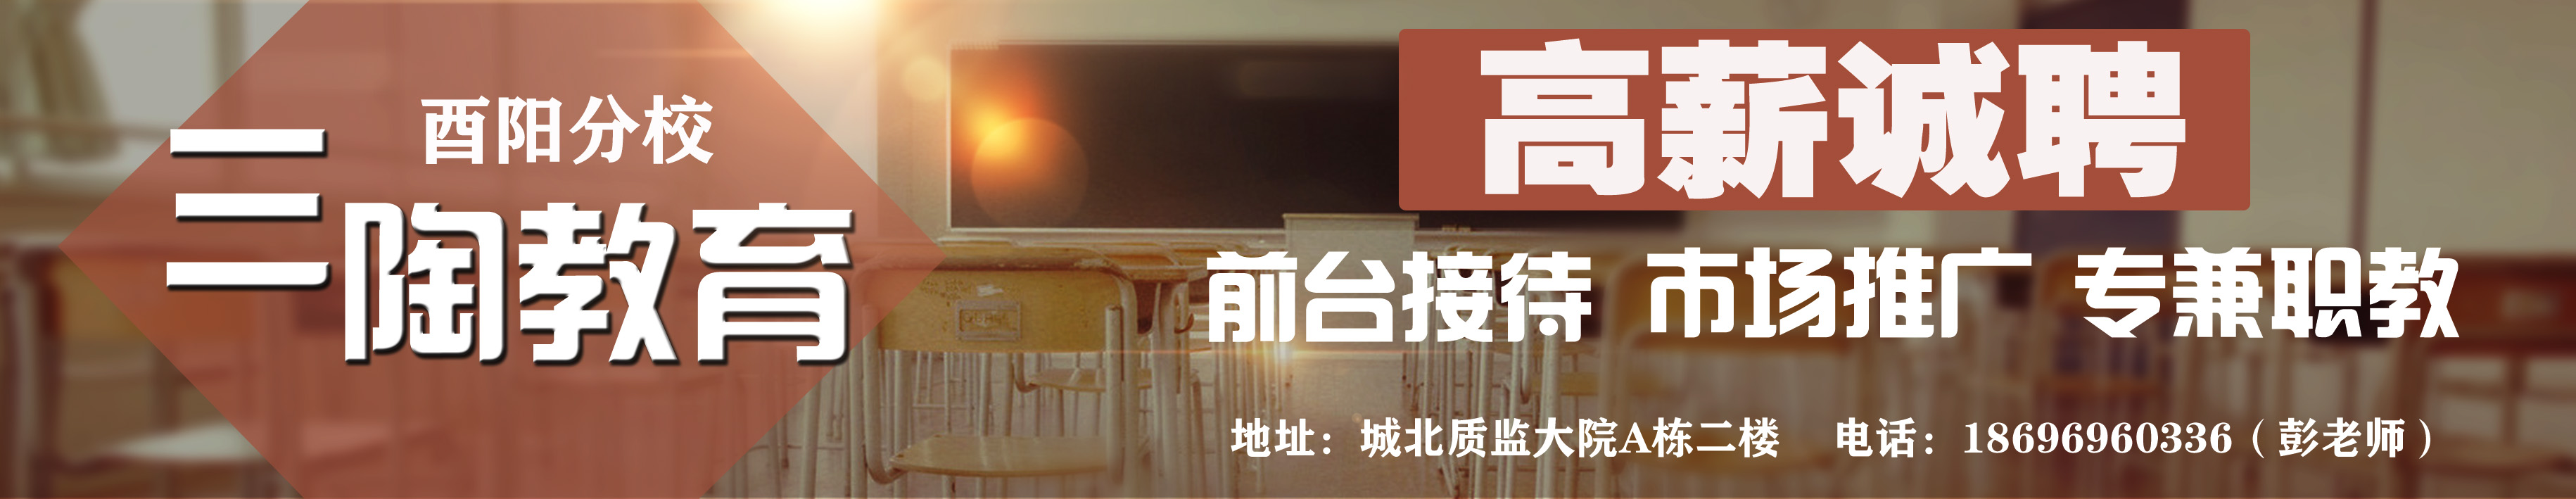 三陶教育酉阳分校